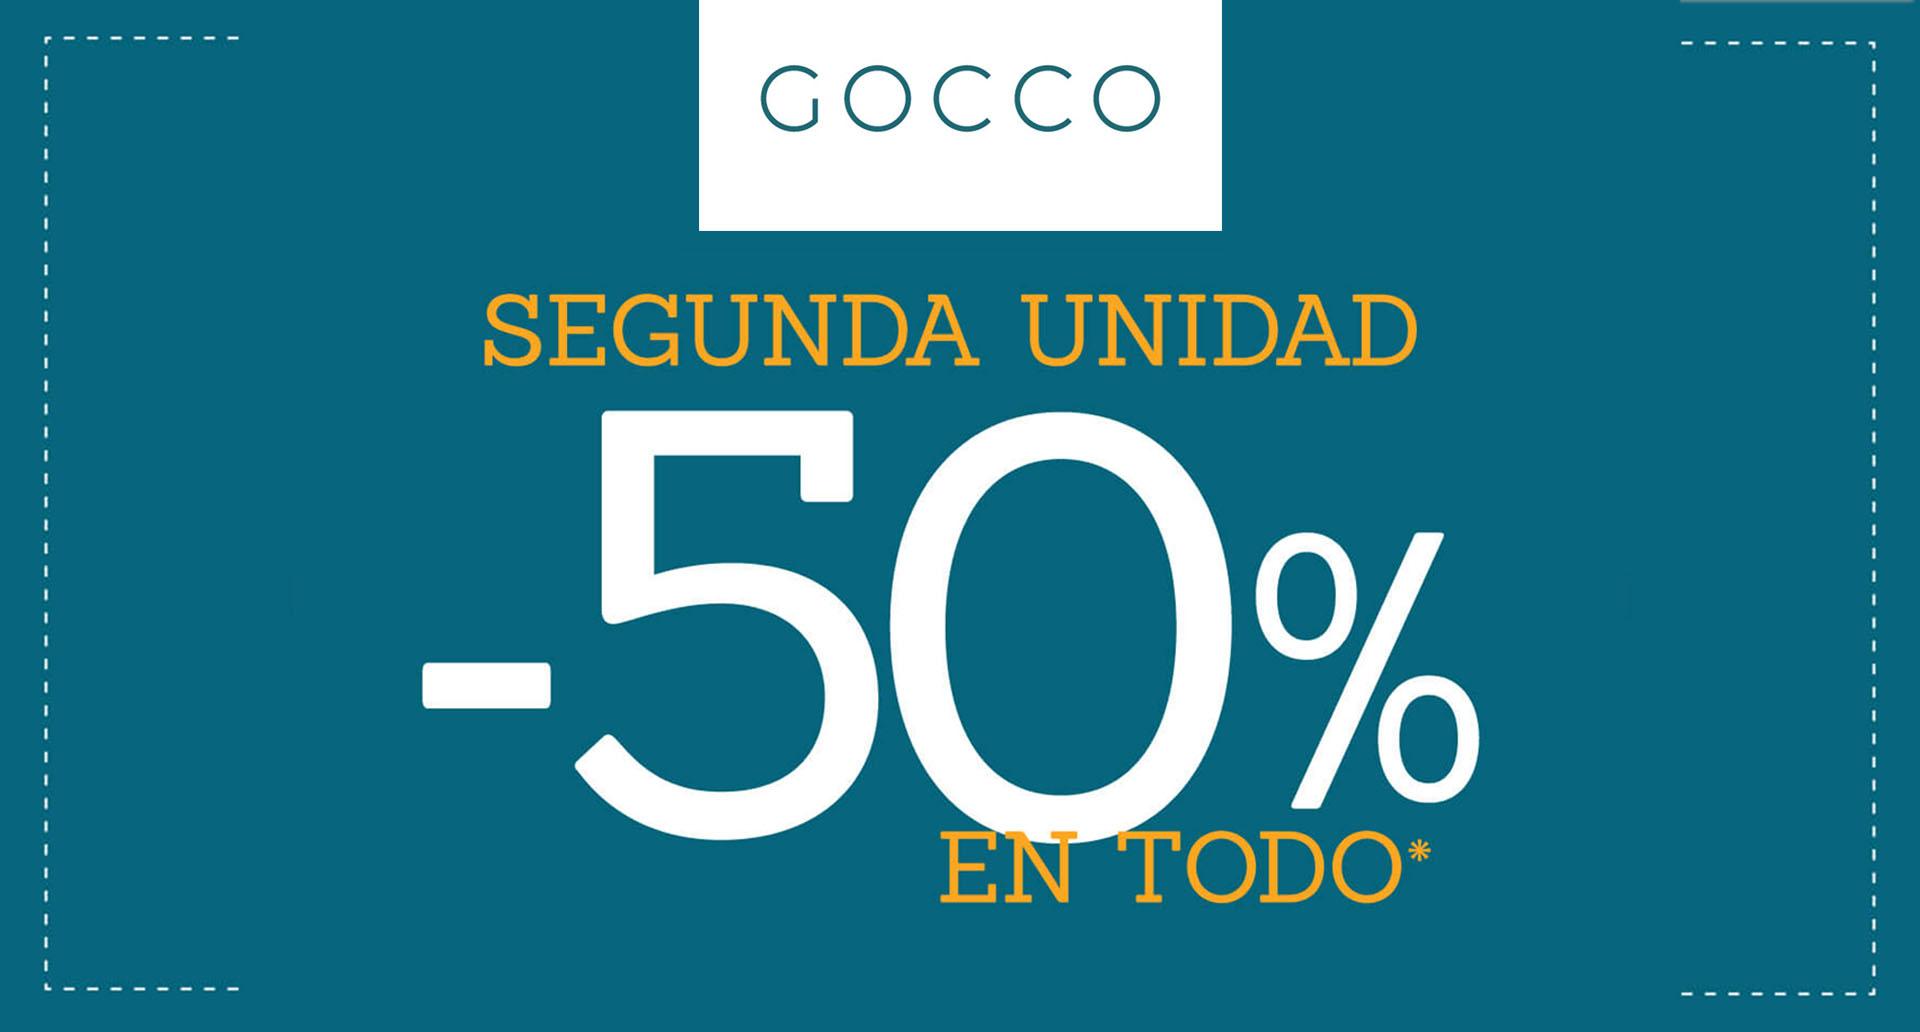 Gocco Segunda Unidad al -50%